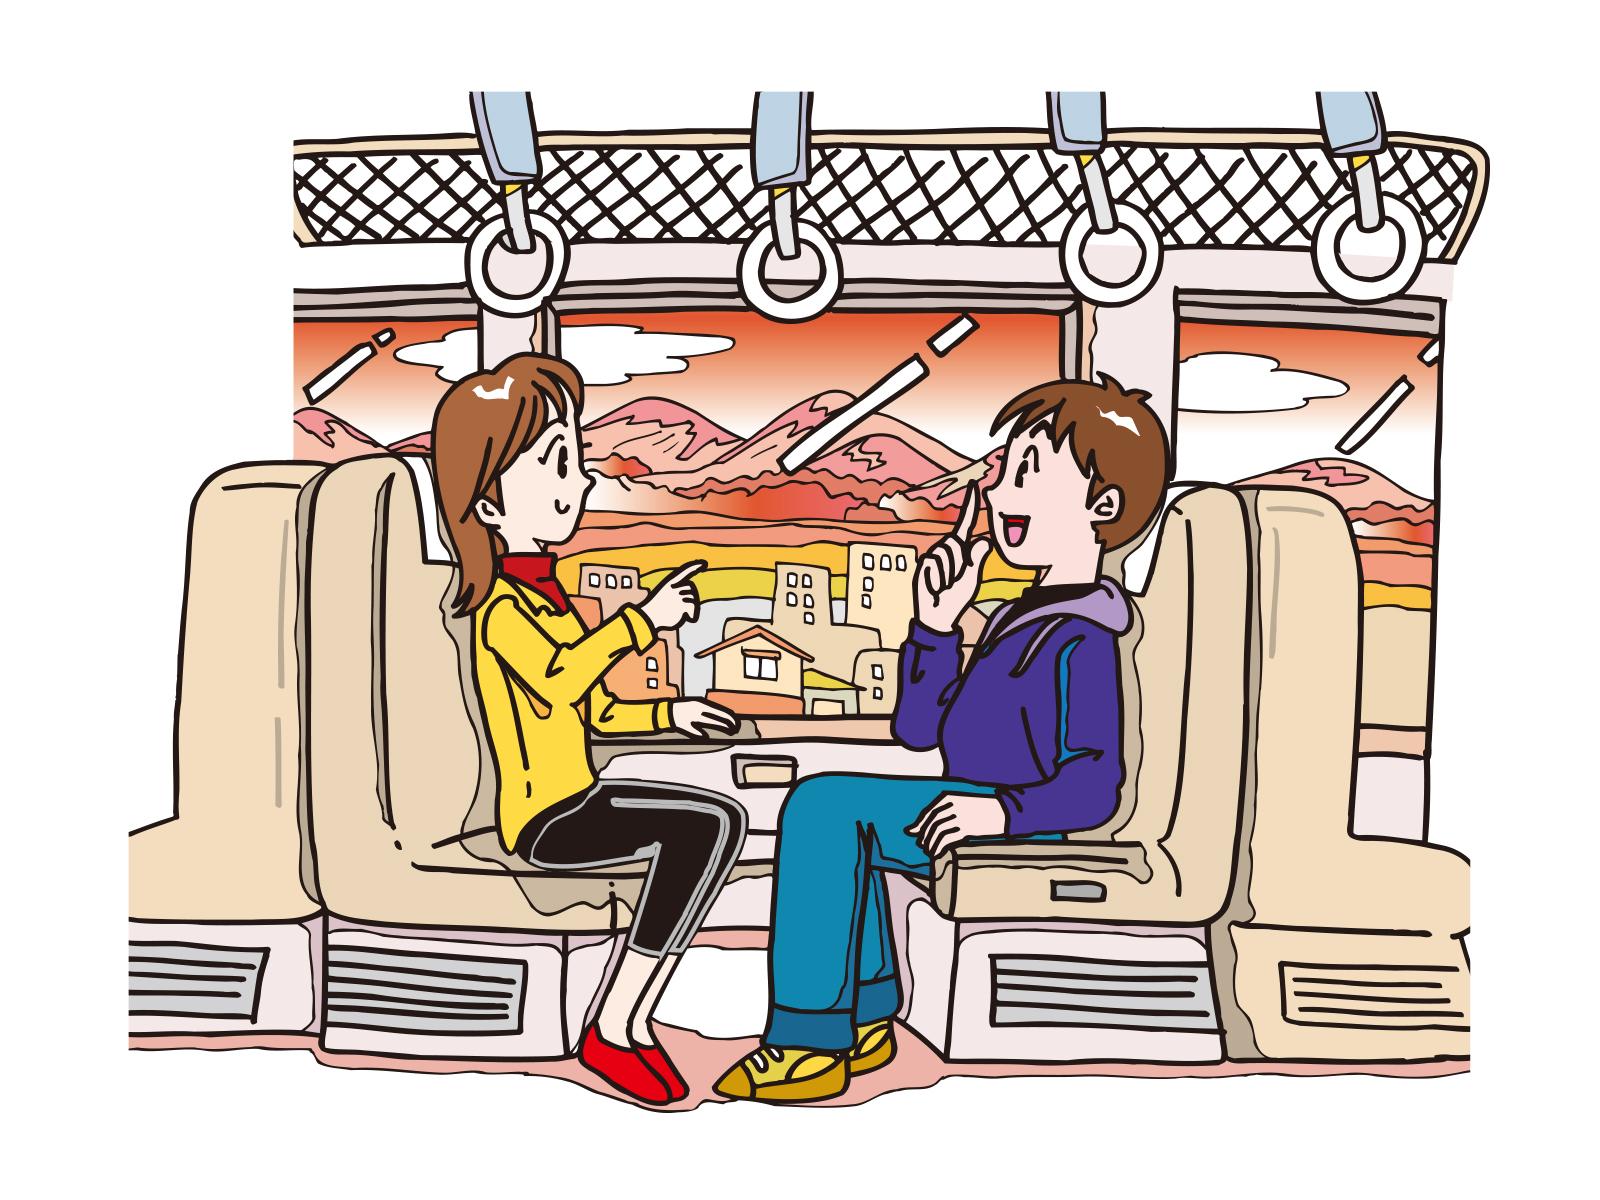 次は新横浜!?英語が苦手な車掌さんに変わって、新幹線で外国人観光客に通訳のお手伝い